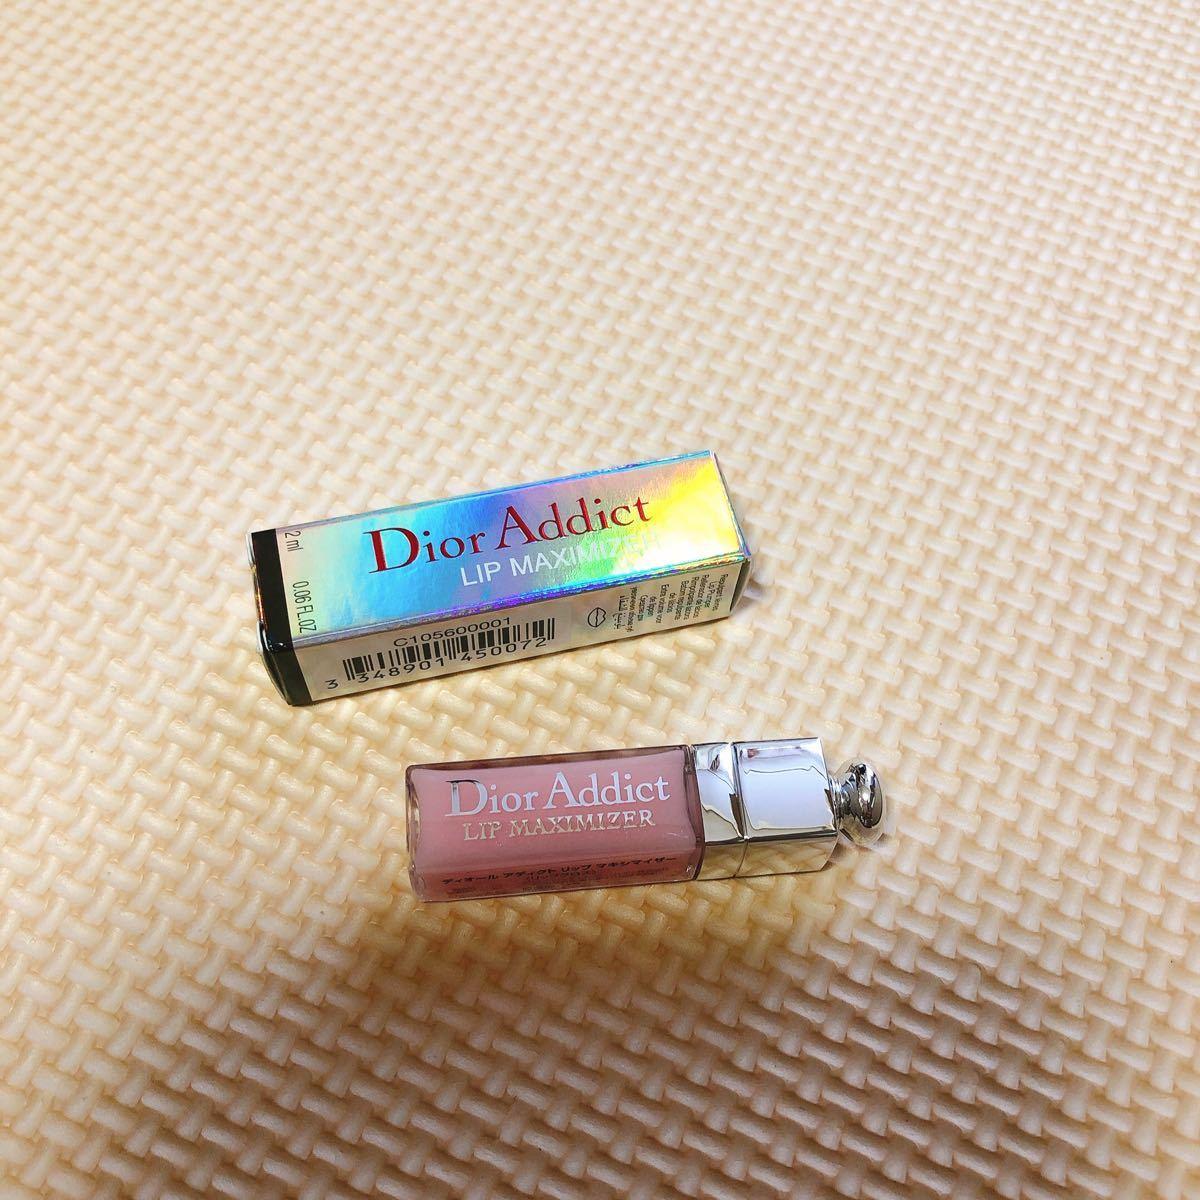 ディオールアディクトリップ マキシマイザー Dior